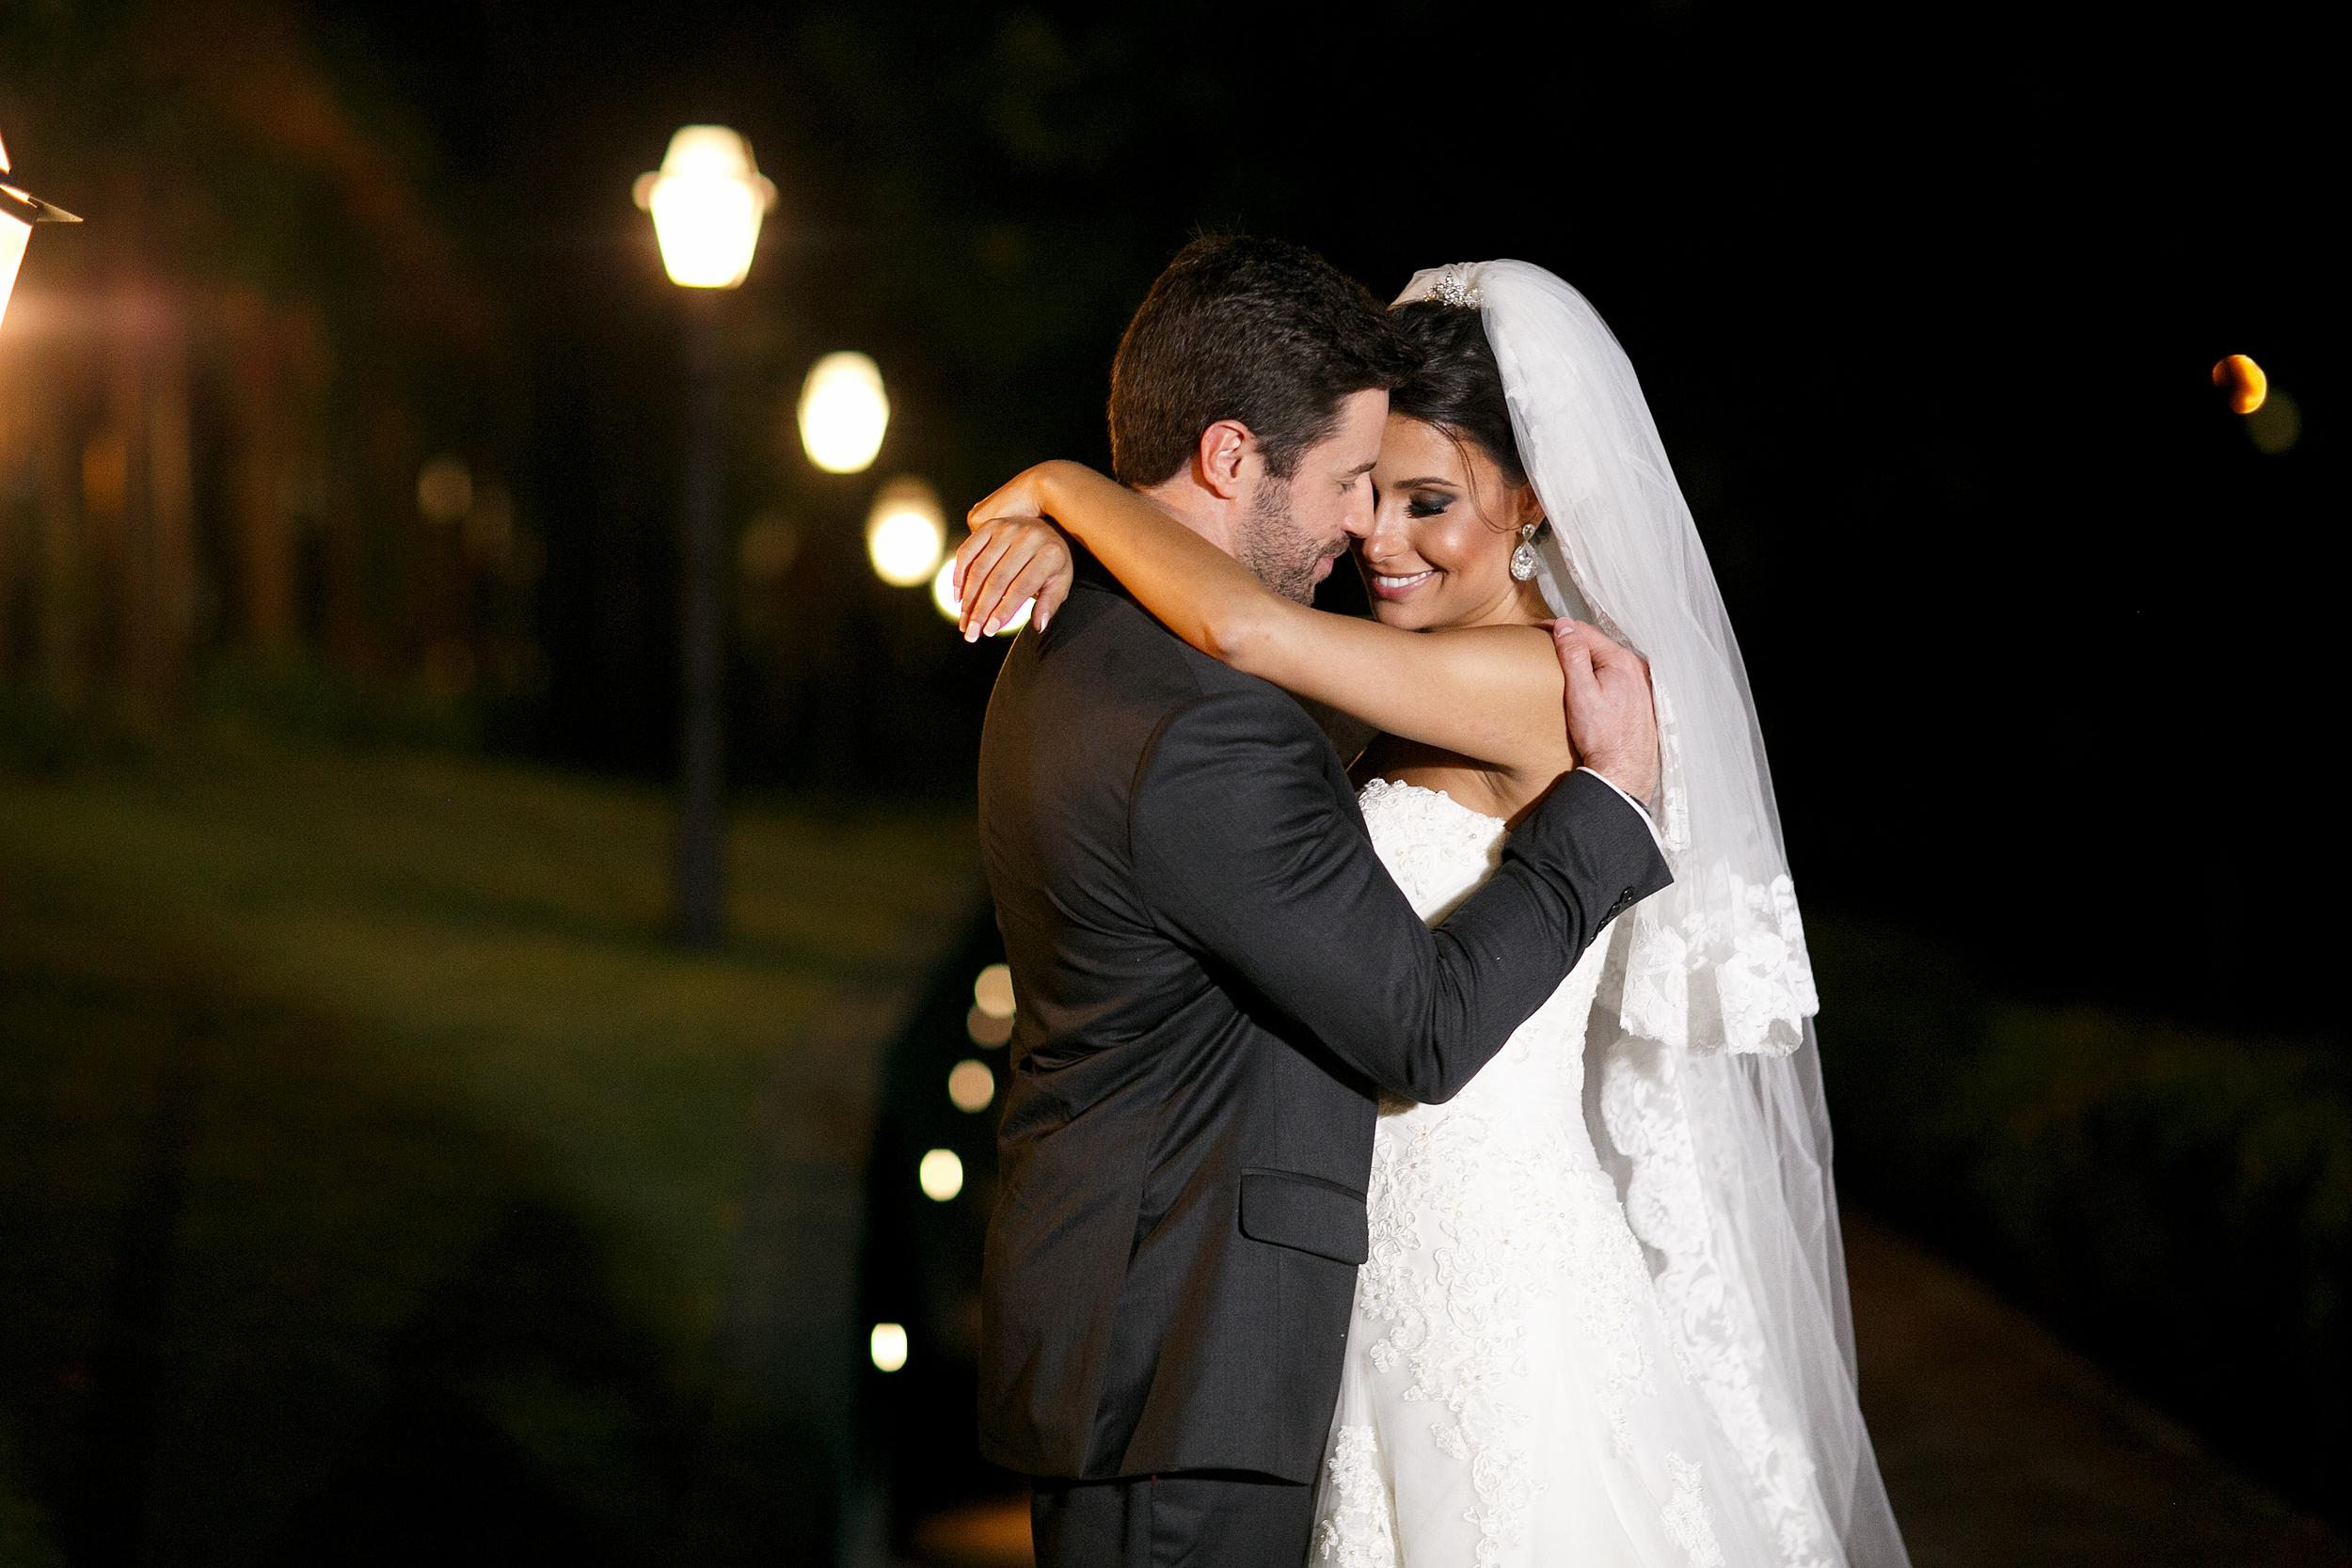 casamento curitiba _65.JPG